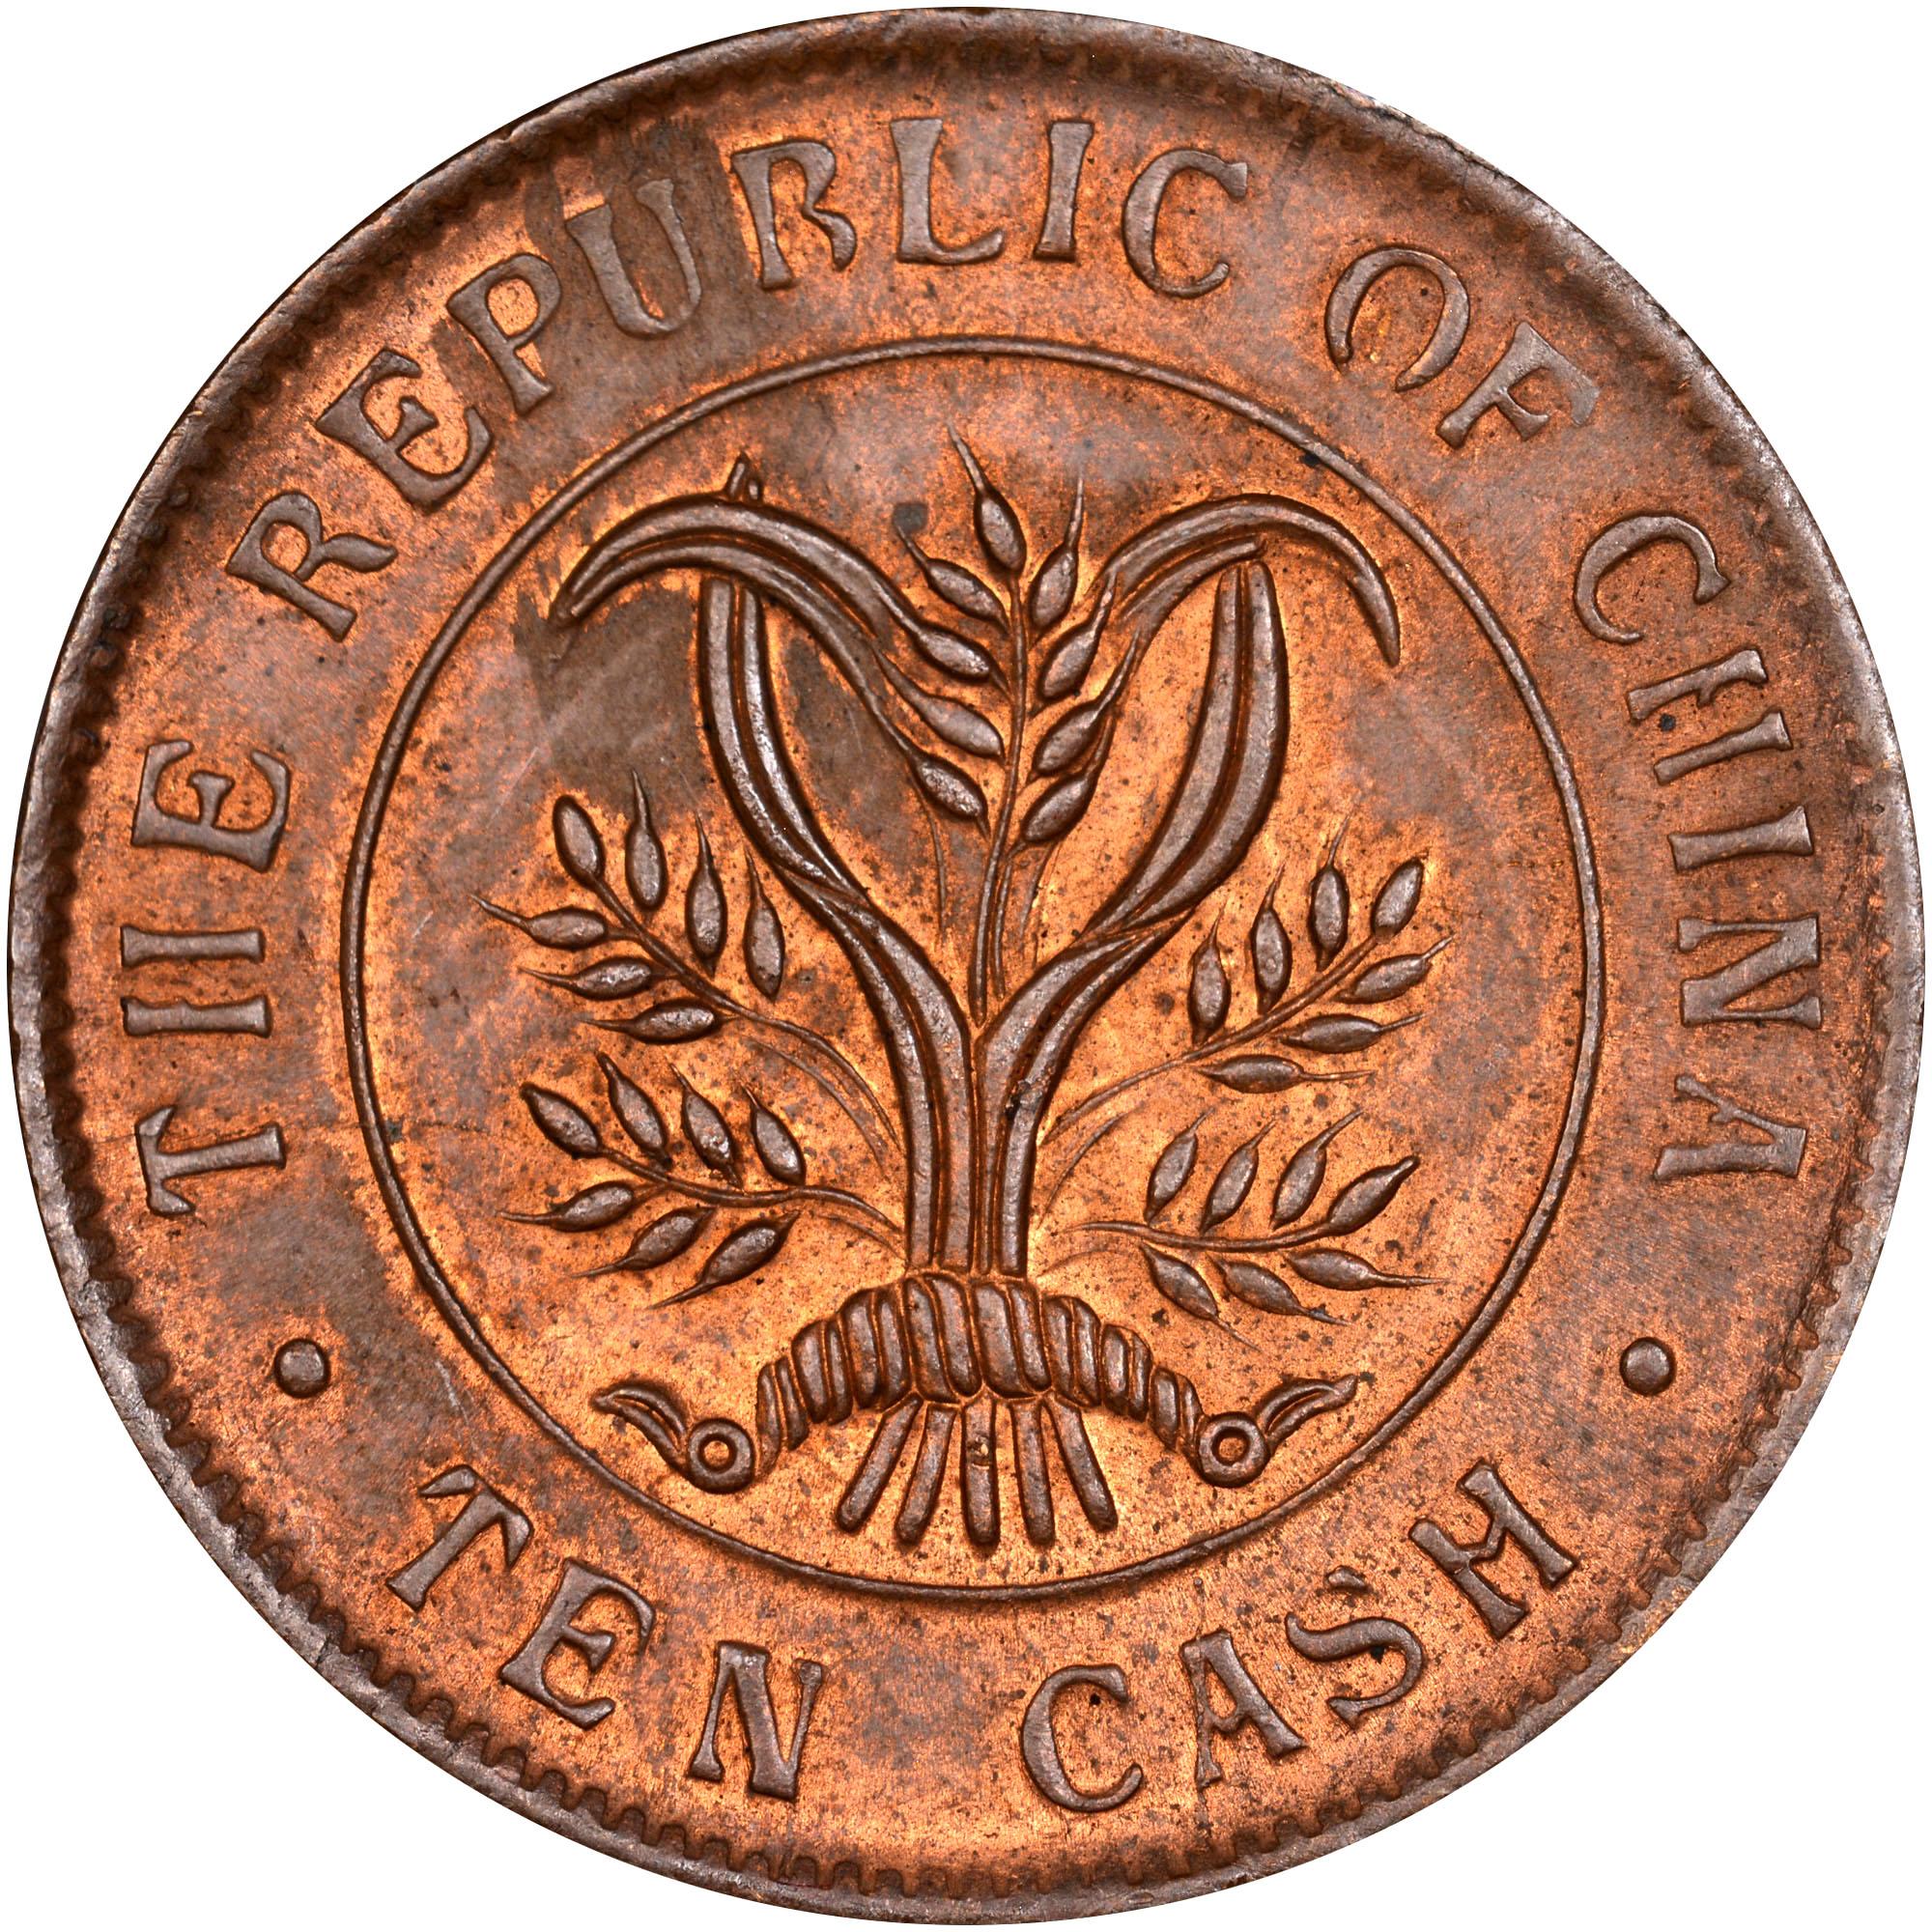 CHINA, REPUBLIC PERIOD (1912-1949) 10 Cash reverse